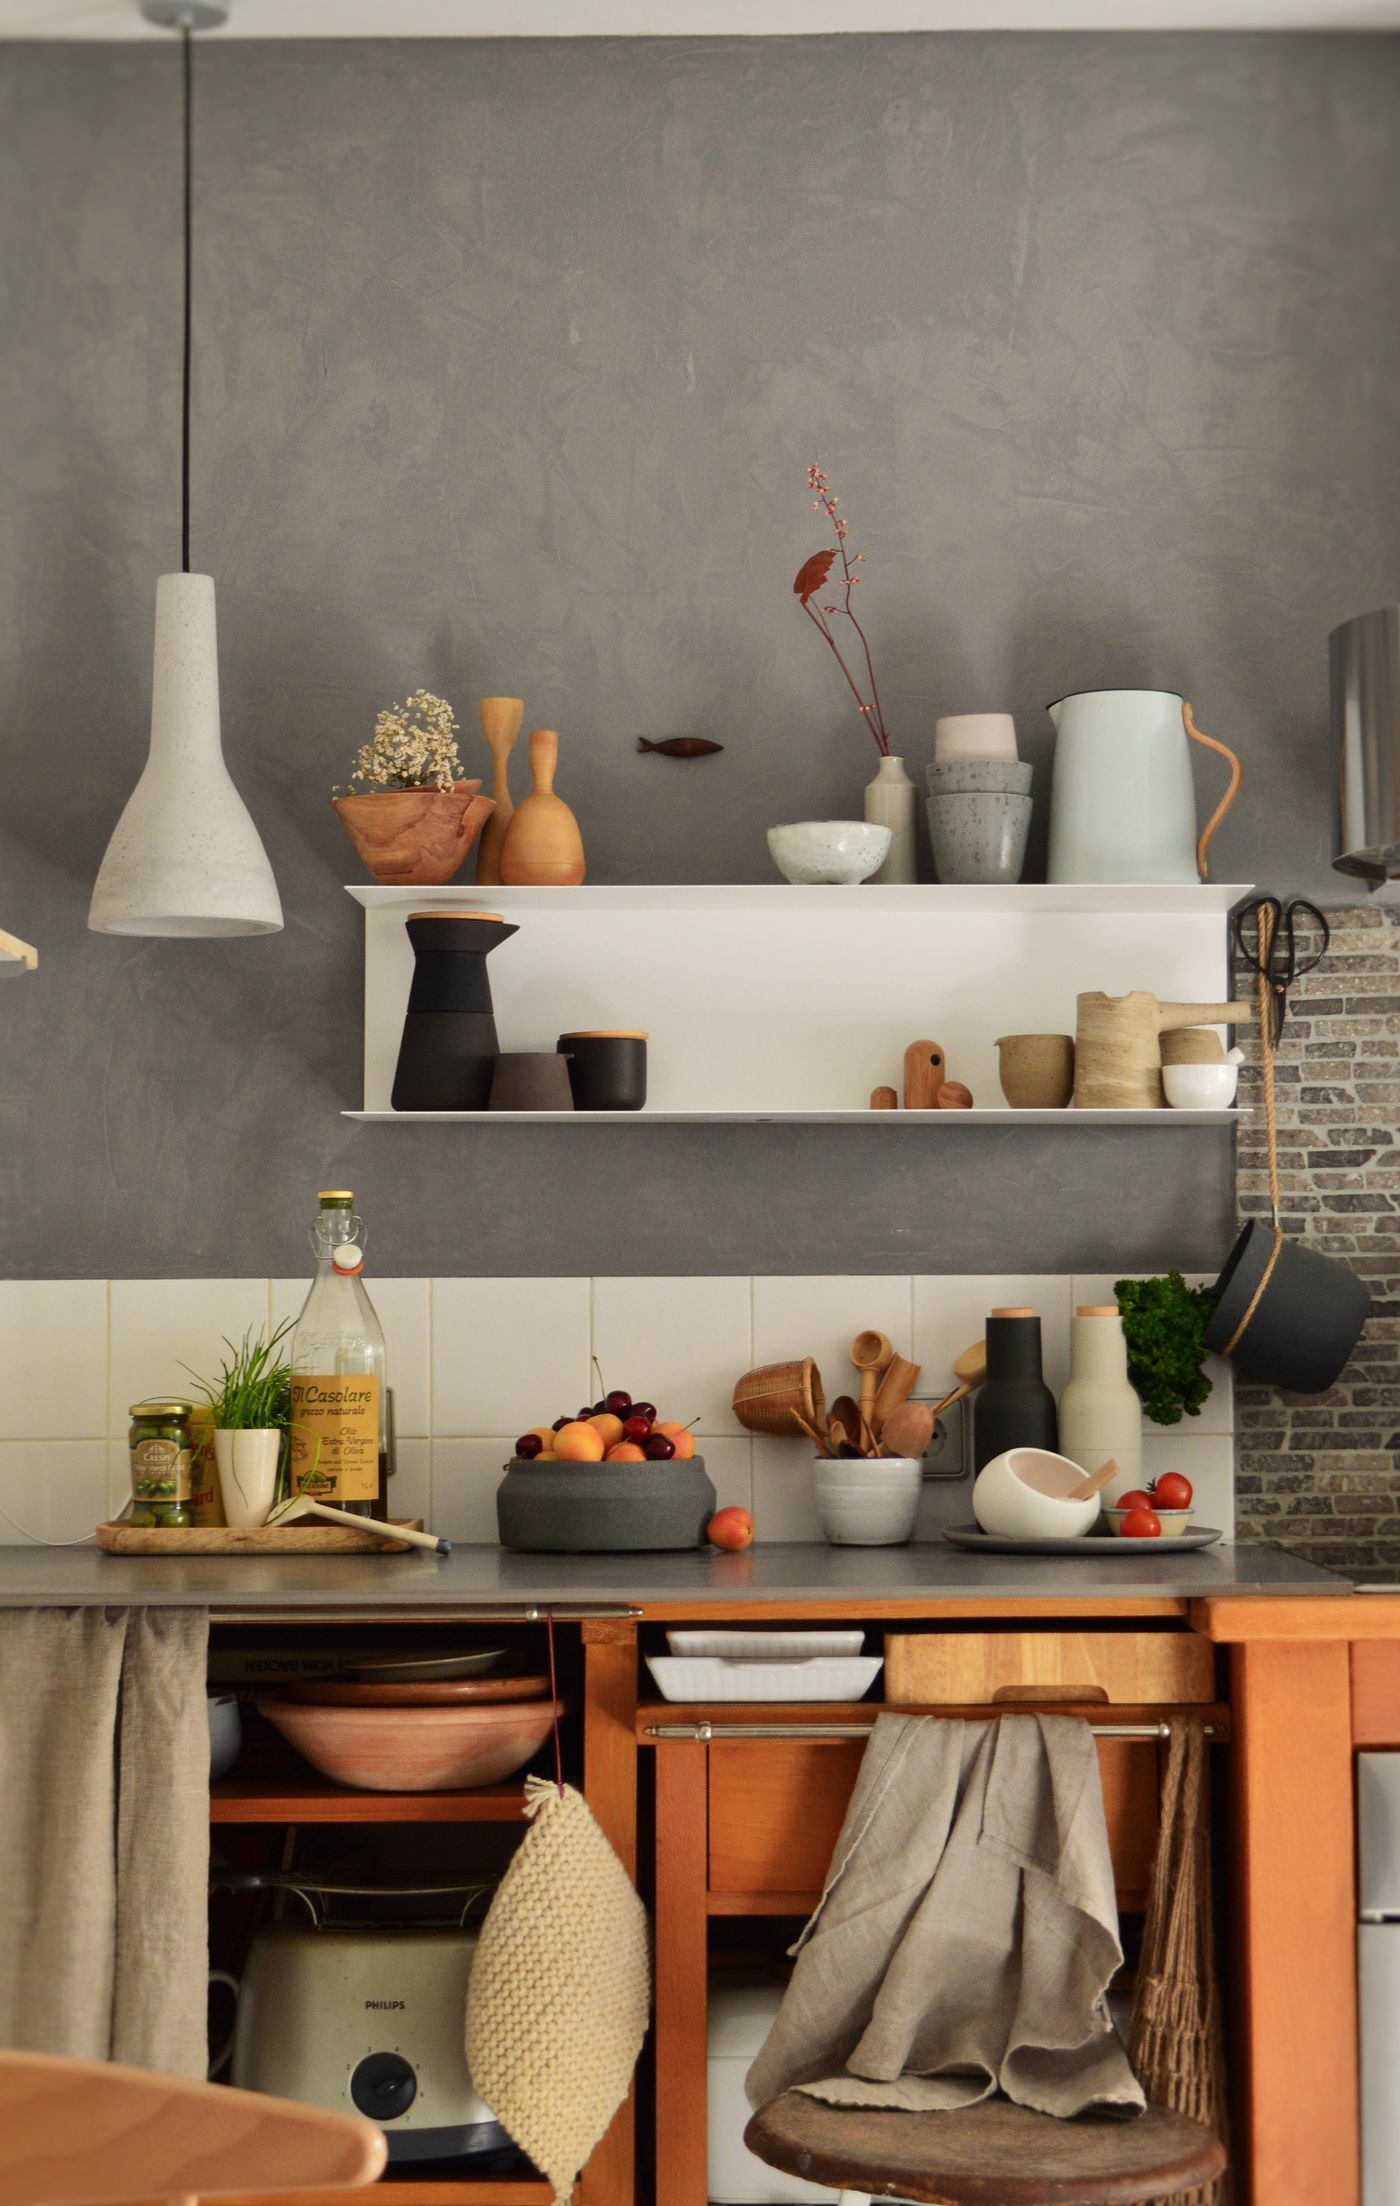 Küche: Ideen zum Einrichten